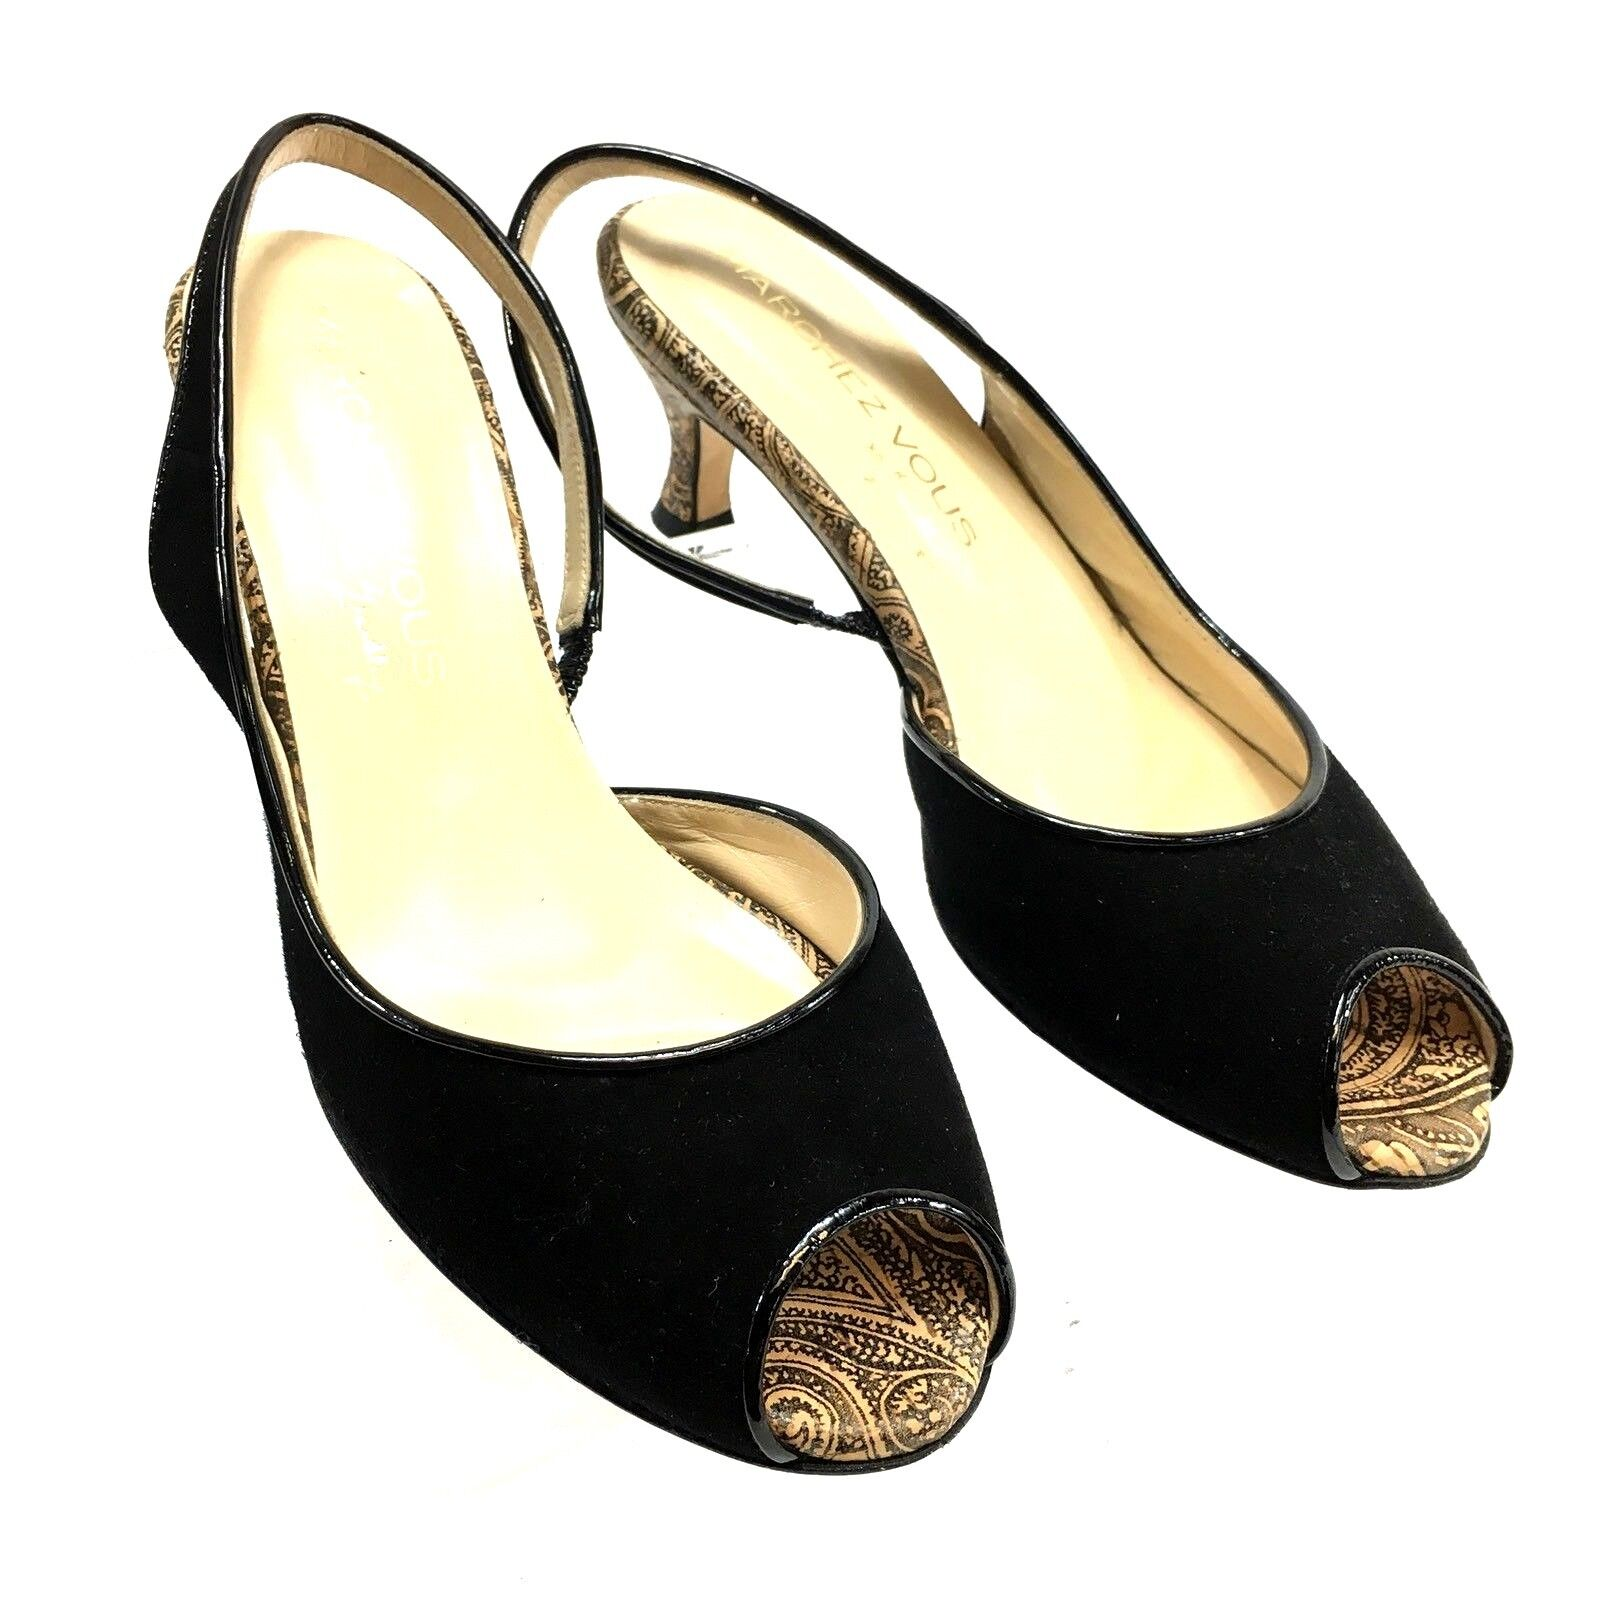 Marchez Marchez Marchez vous XO Yeardley para mujeres Zapatos Negro Charol 2.5 in (approx. 6.35 cm) Gatito Tacón 8 S4  Venta al por mayor barato y de alta calidad.